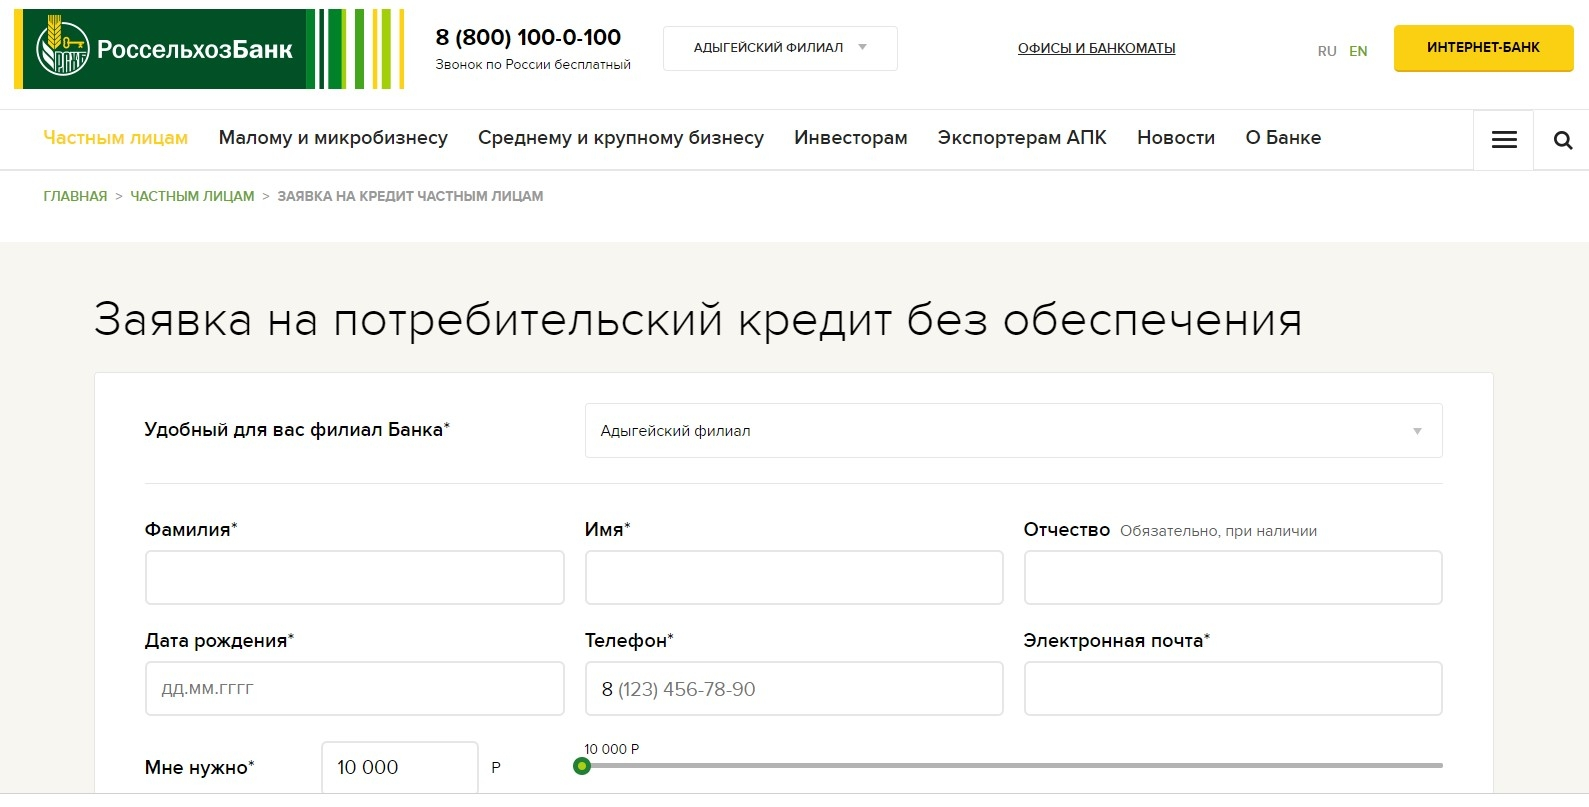 Россельхозбанка заявка на кредит онлайн официальный сайт втб банк кредиты без залога